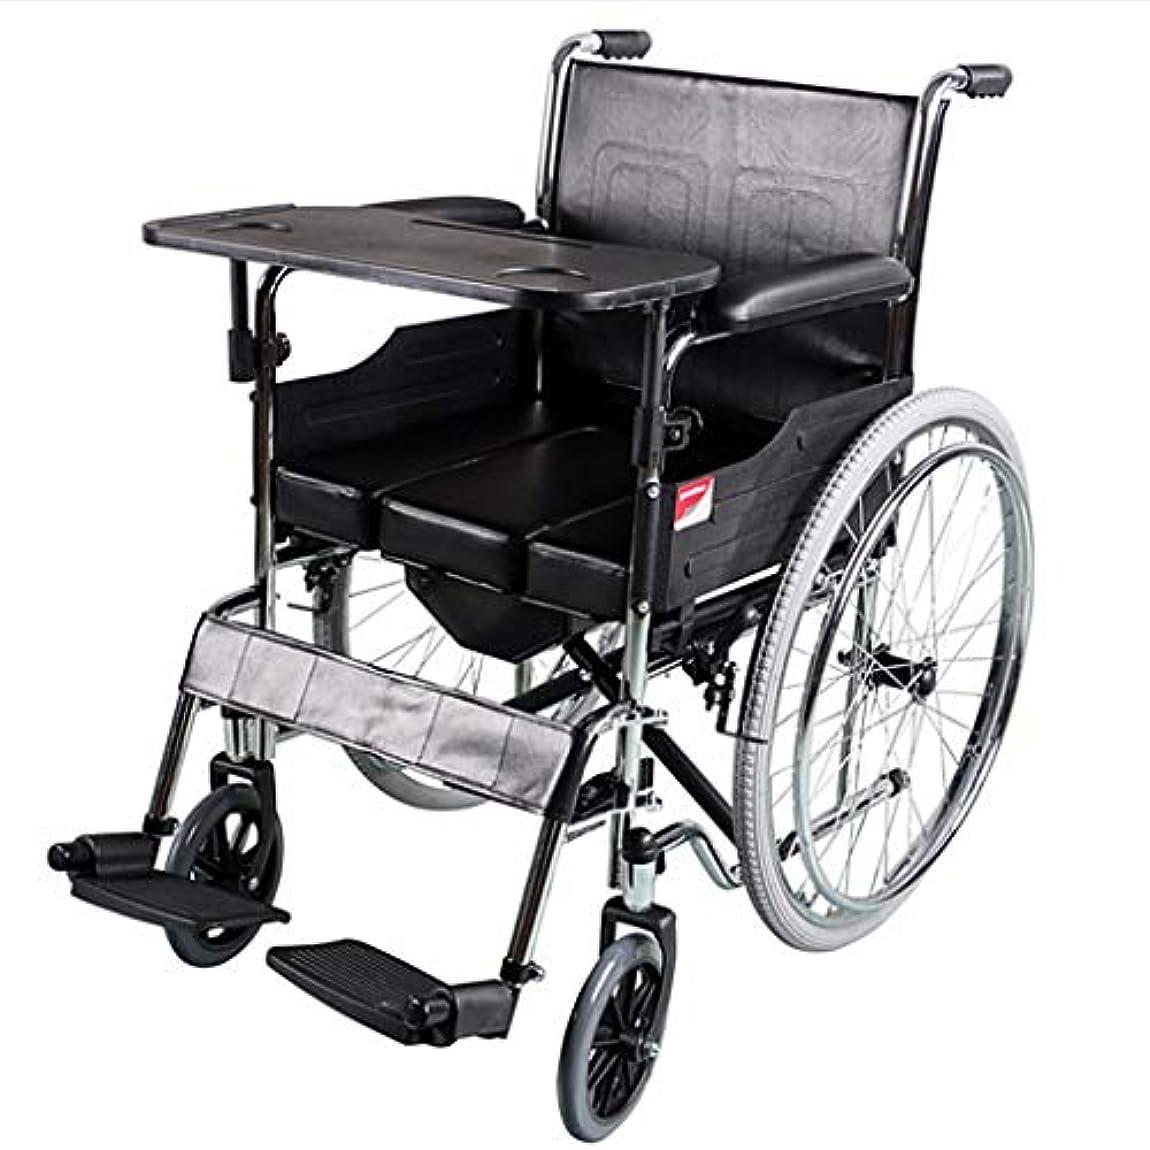 イル風変わりなスラム街可動式トイレ/折りたたみ式/統合型車椅子、食事用テーブル付き車椅子多機能。高齢者障害者支援